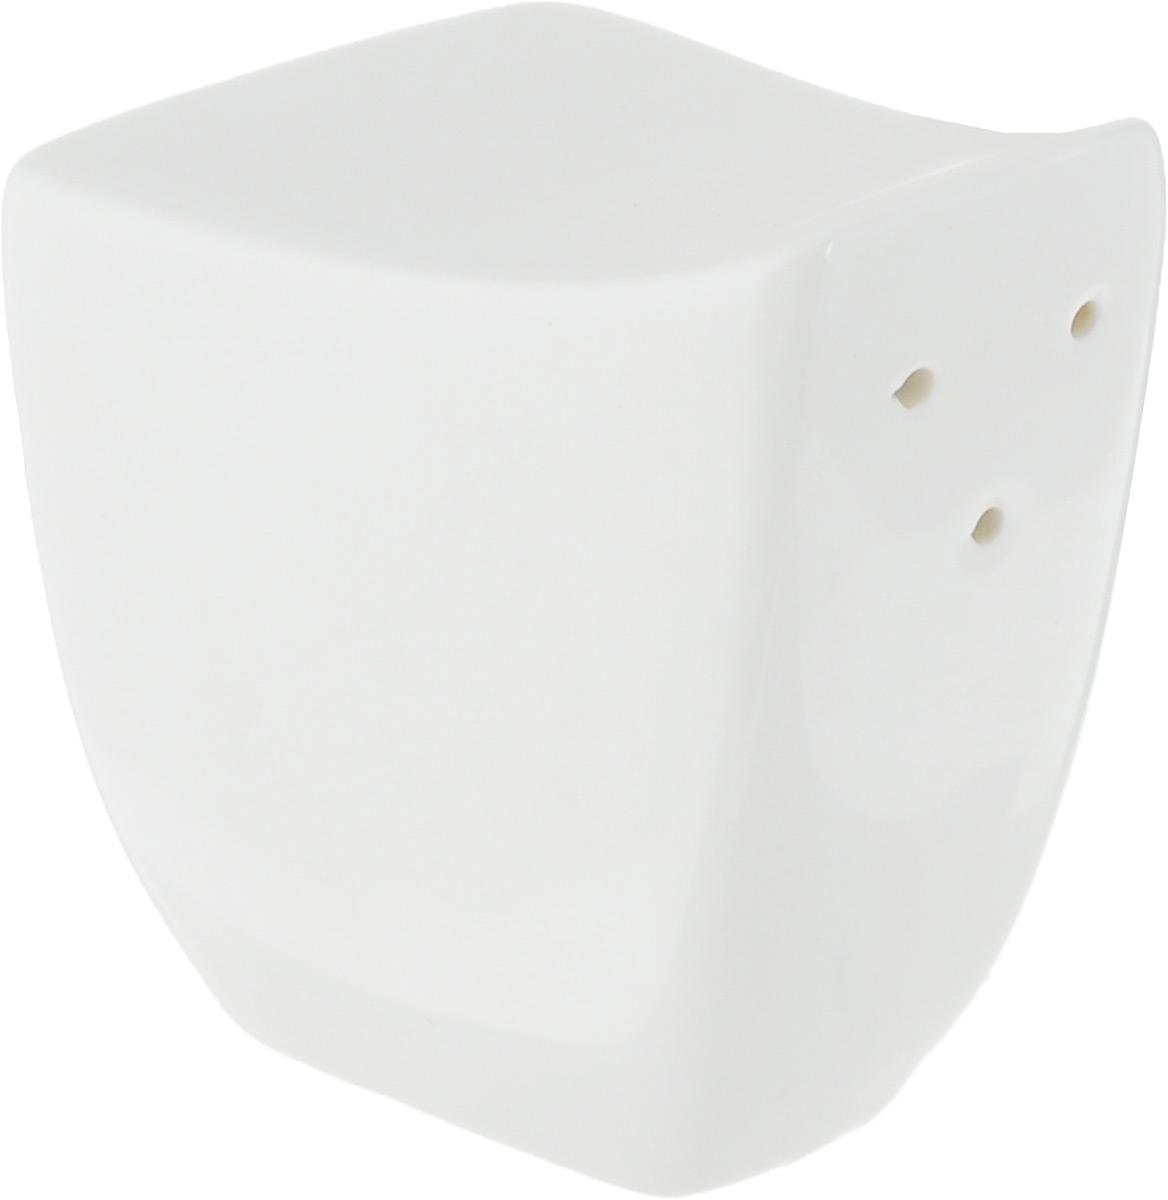 Солонка Ariane Rectangle, 5 х 5,5 х 4 см